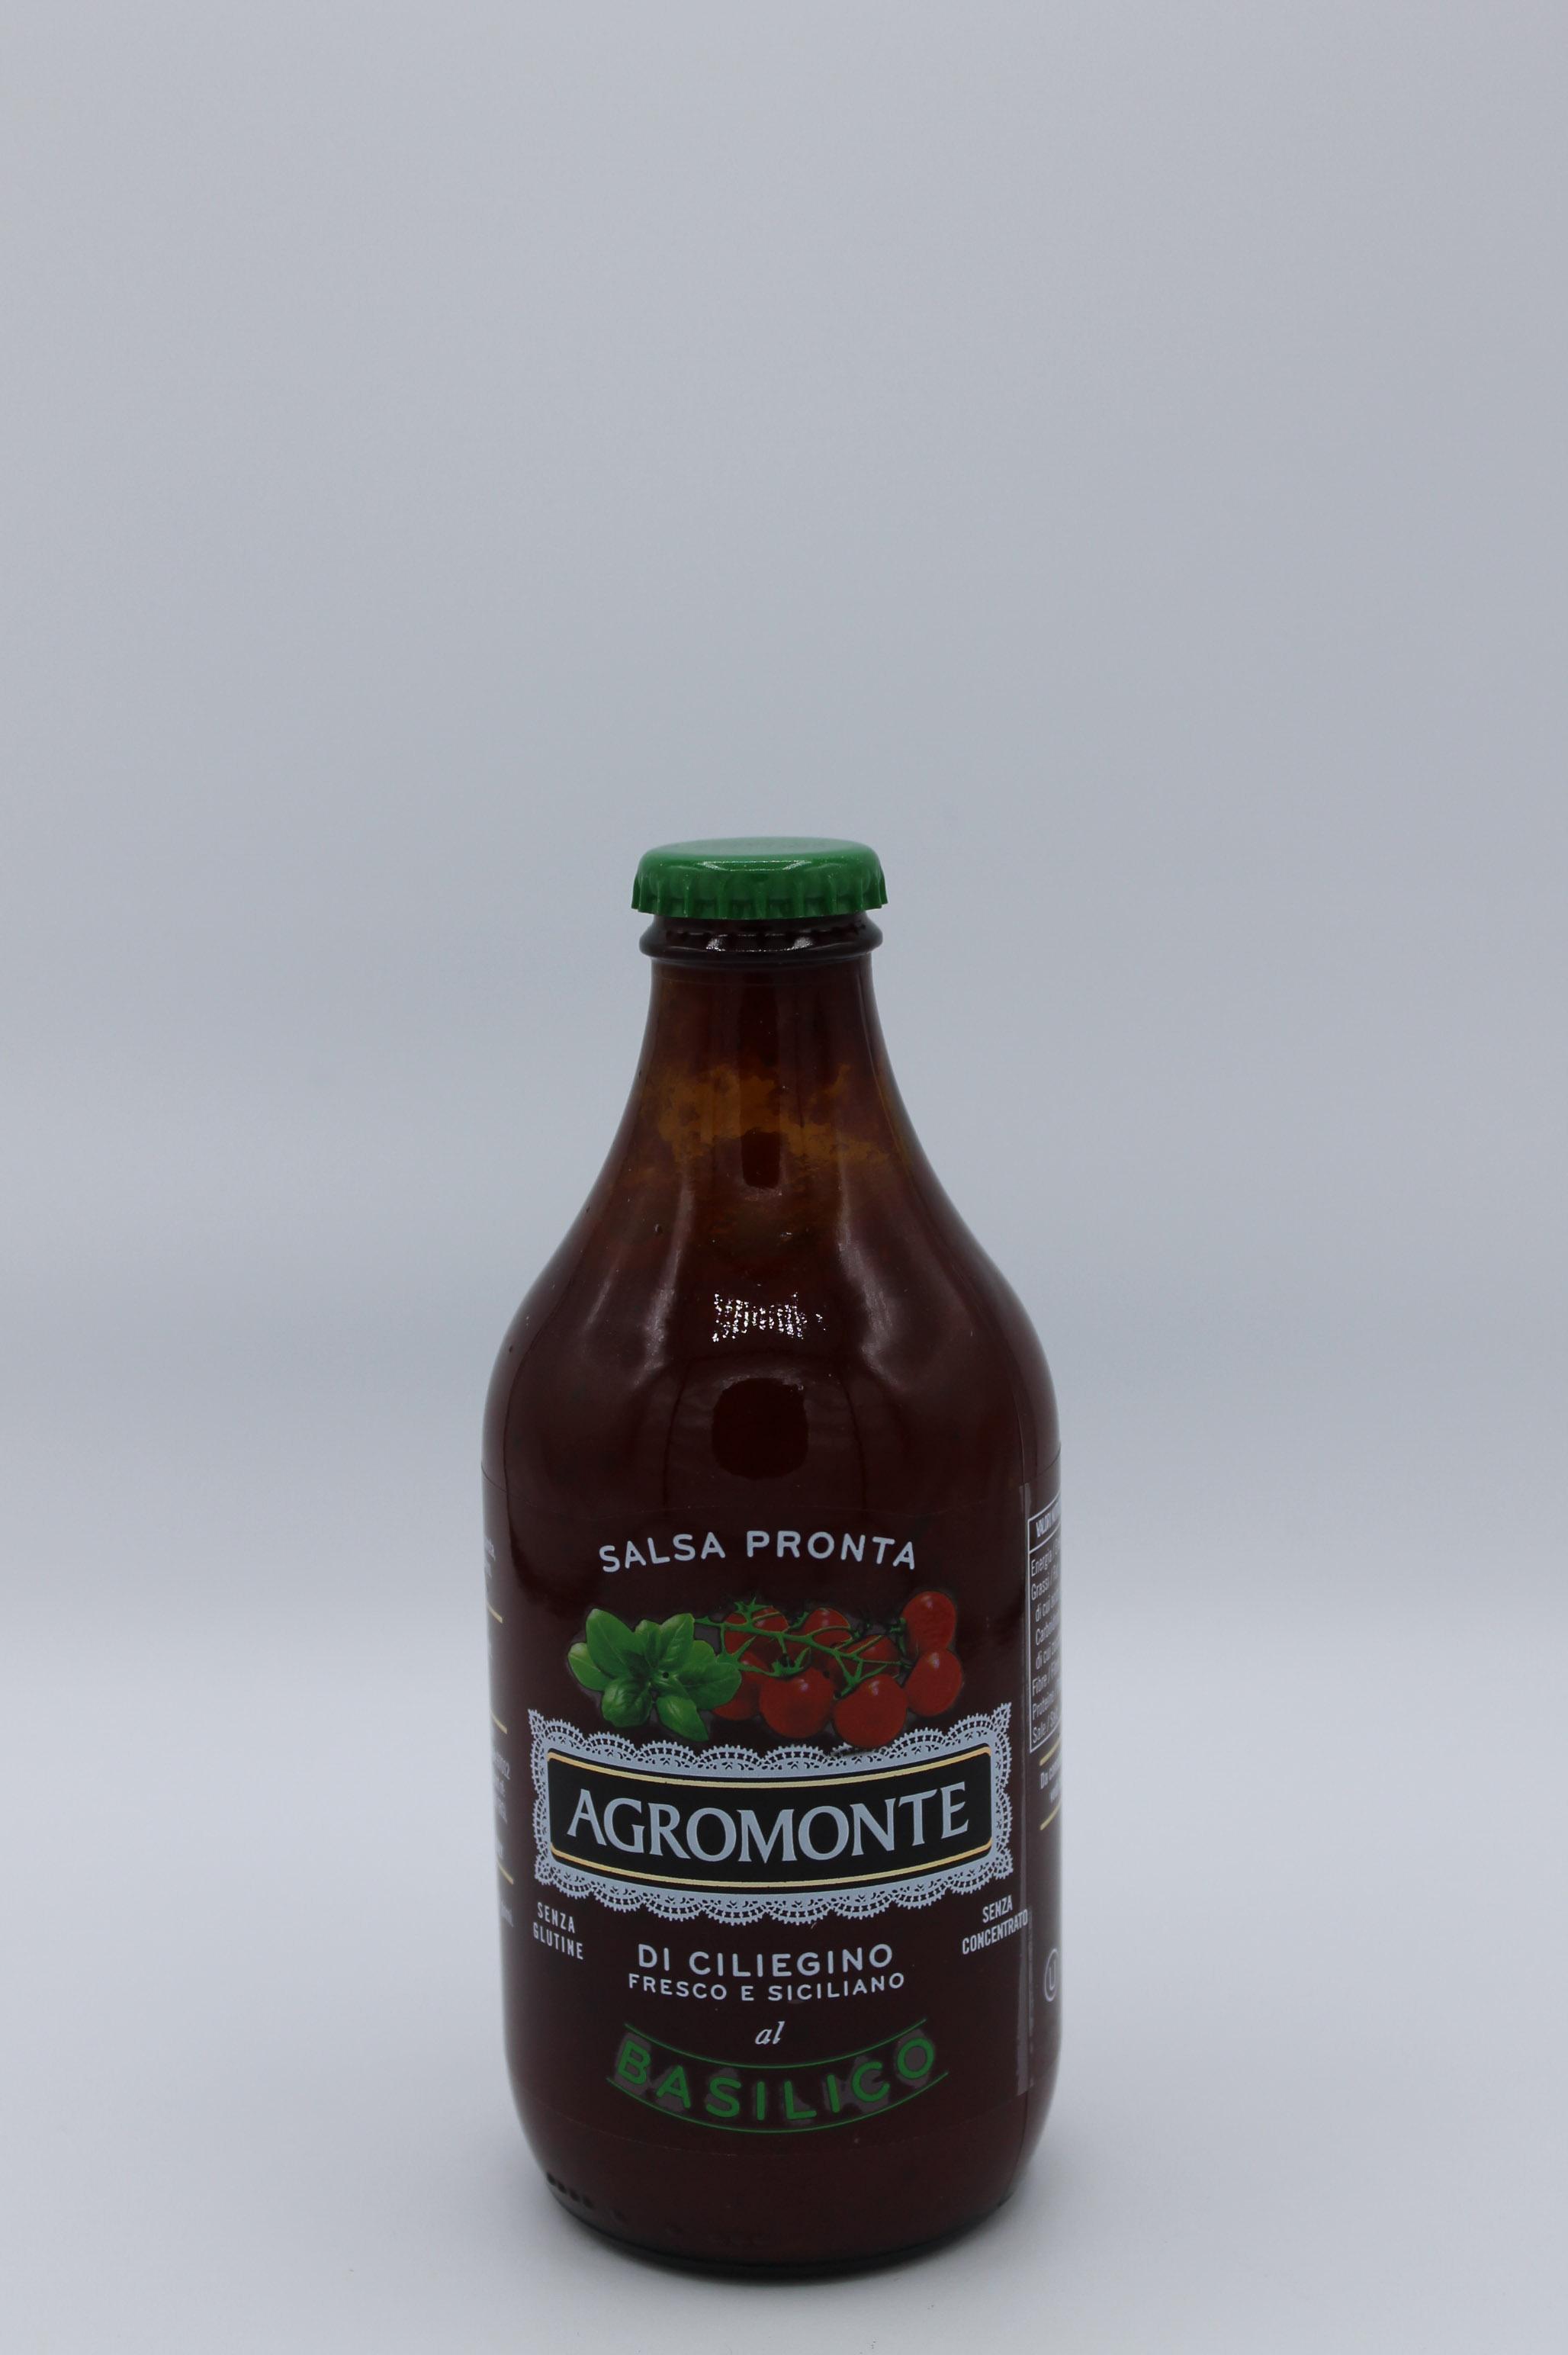 Salsa di pomodoro ciliegino agromonte al basilico 330 gr.